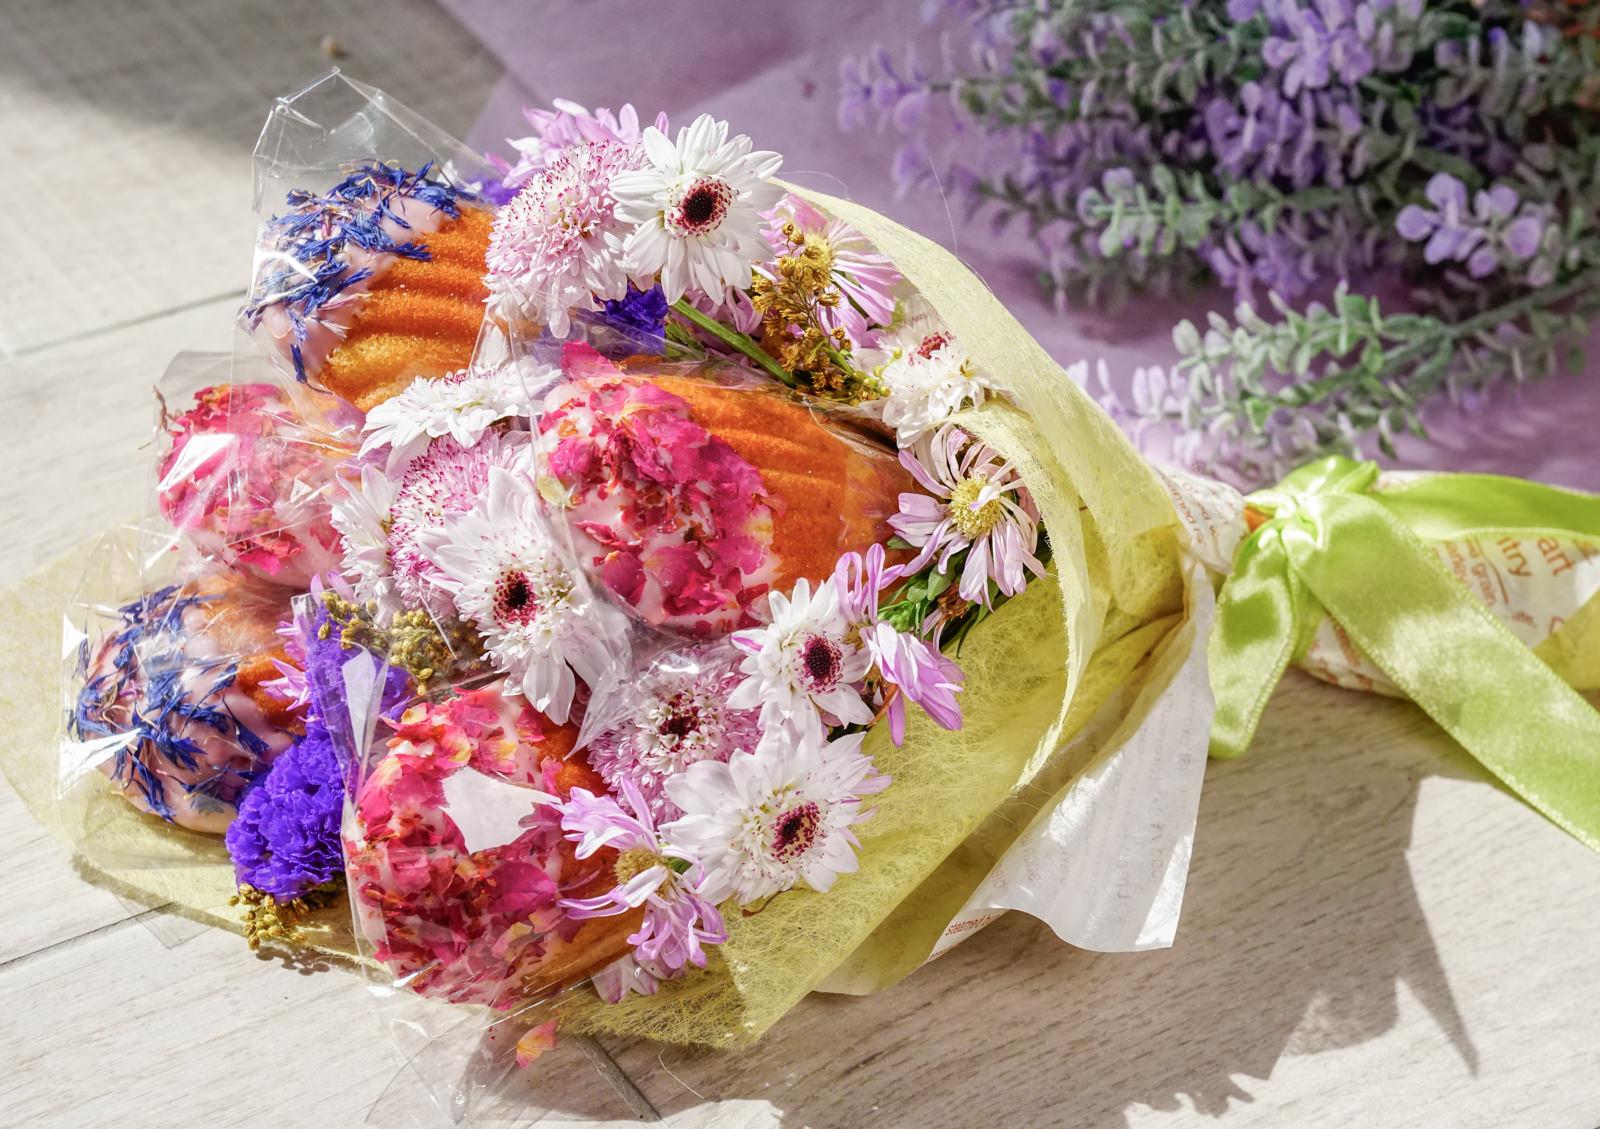 [宅配]賞.甜點  üdd-女孩們尖叫吧! 超浪漫法式甜點花束 可吃可拍照 情人節禮物推薦